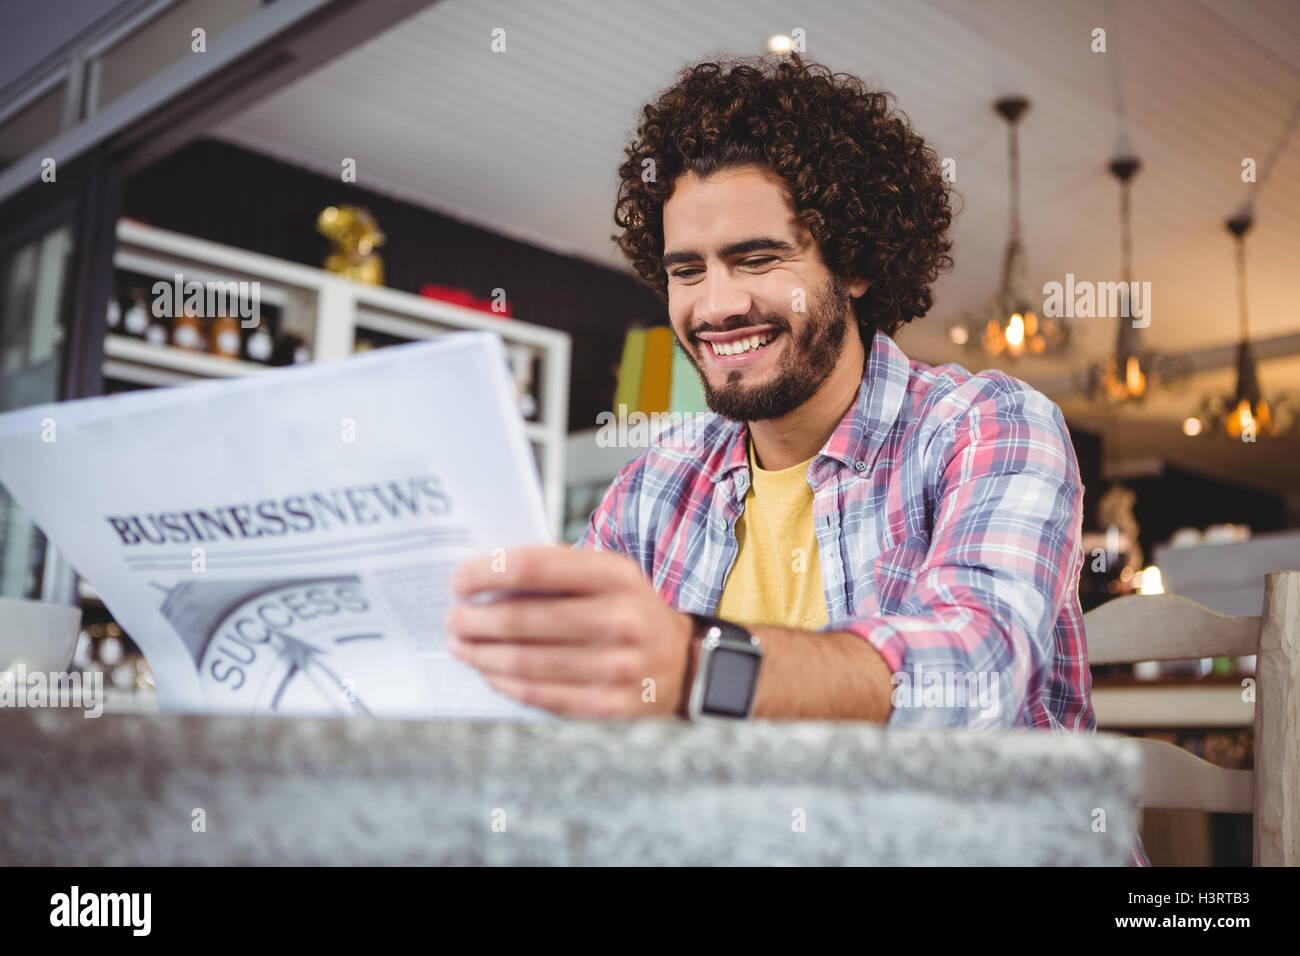 Hombre sonriendo mientras lee el periódico Imagen De Stock